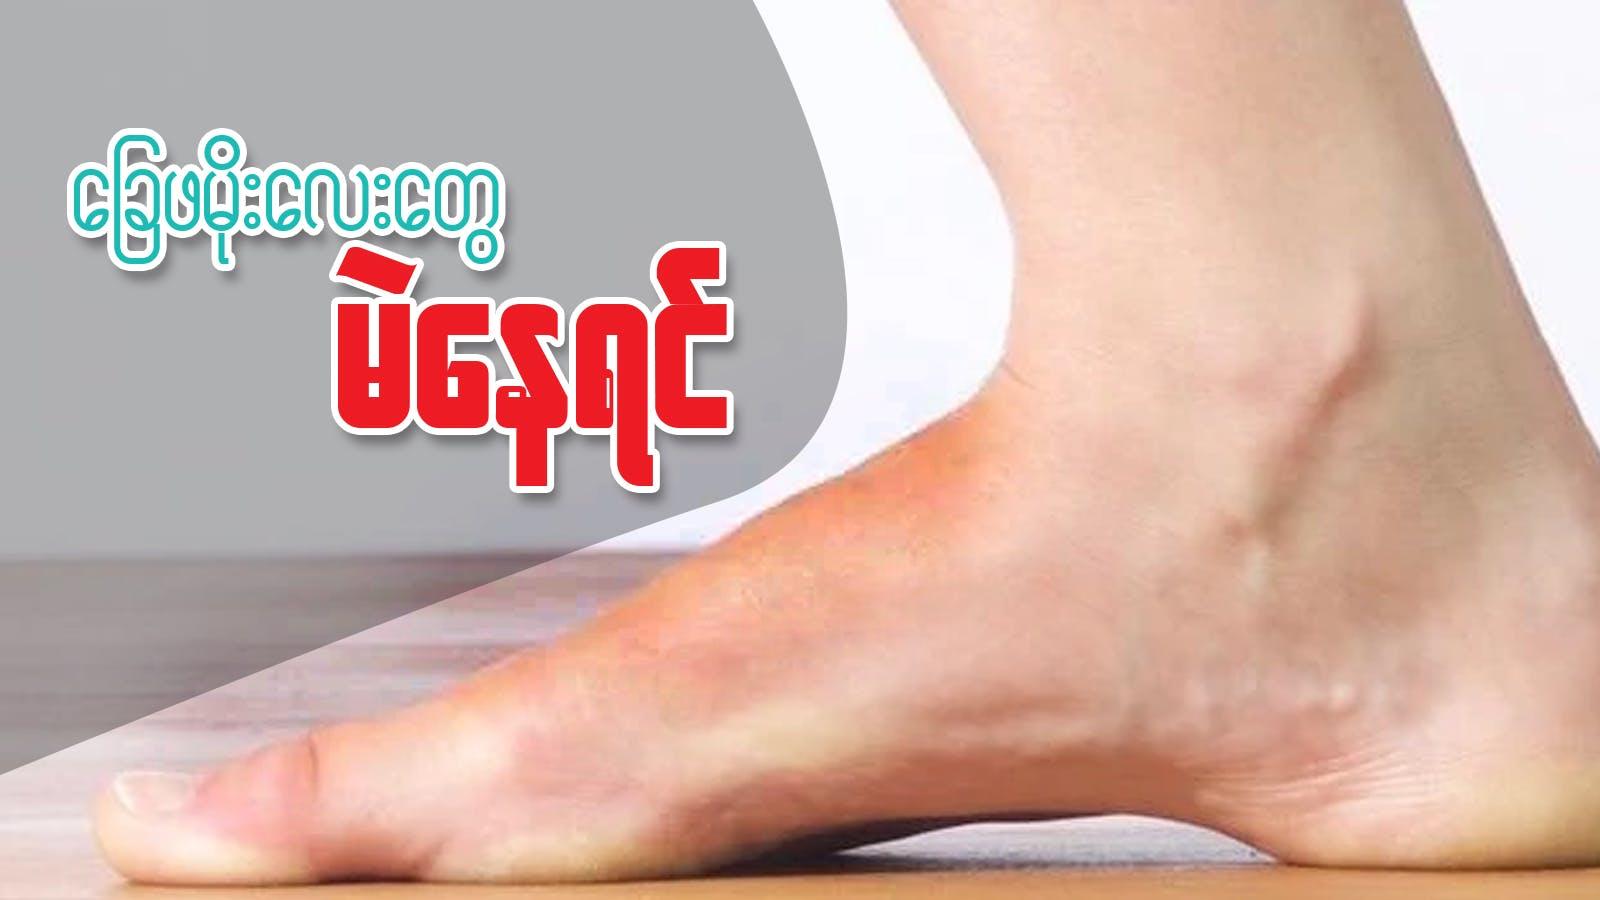 ခြေဖမိုးလေးတွေ မဲနေလို့ စိတ်ညစ်နေလား